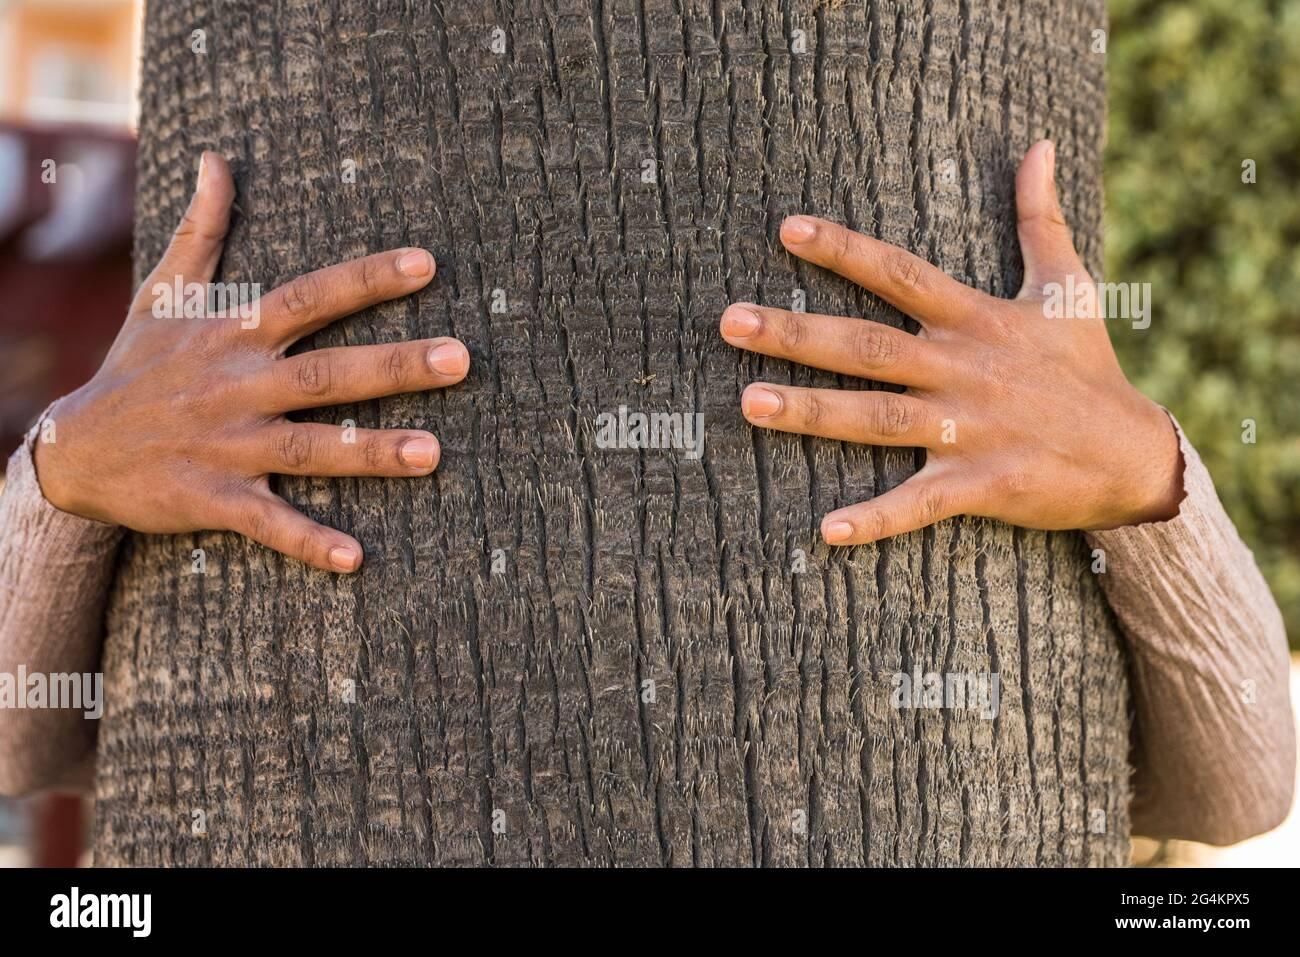 Mains embrassant et protégeant le palmier - environnement de la nature concept de protection sûr - arbres de tronc gros plan et l'embrasure humaine Banque D'Images